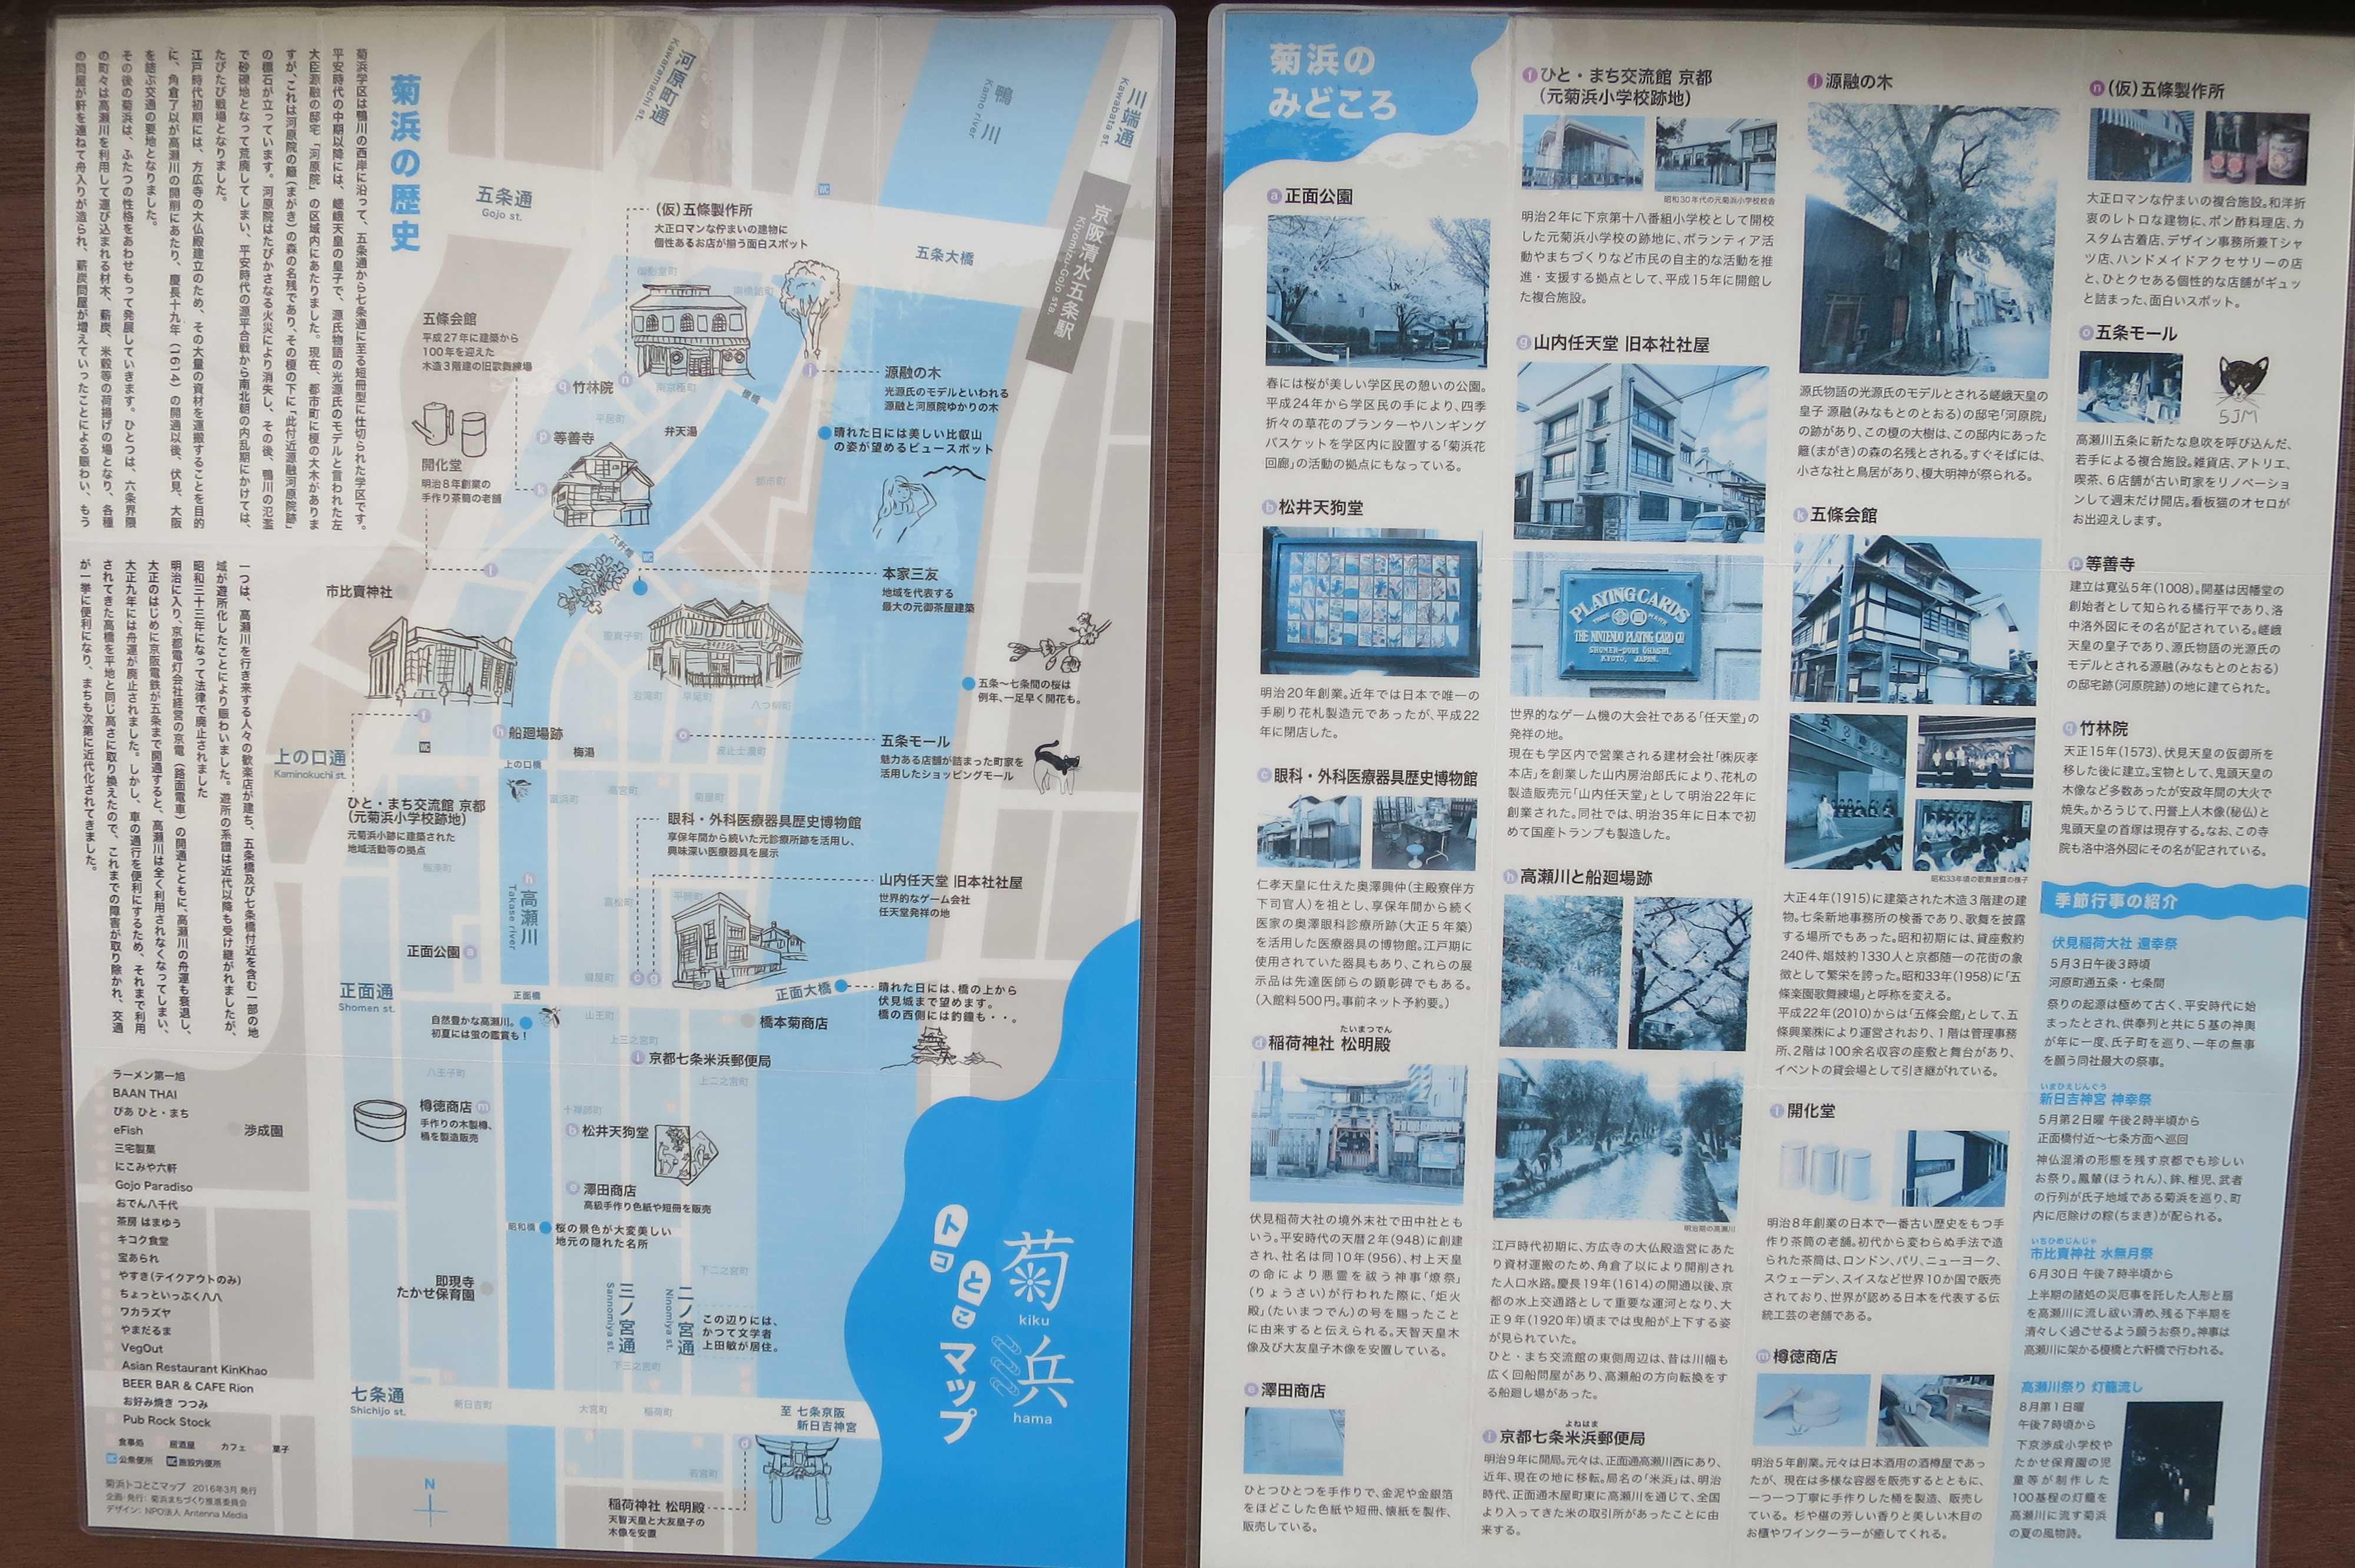 京都・五条楽園 - 菊浜学区の歴史の案内板